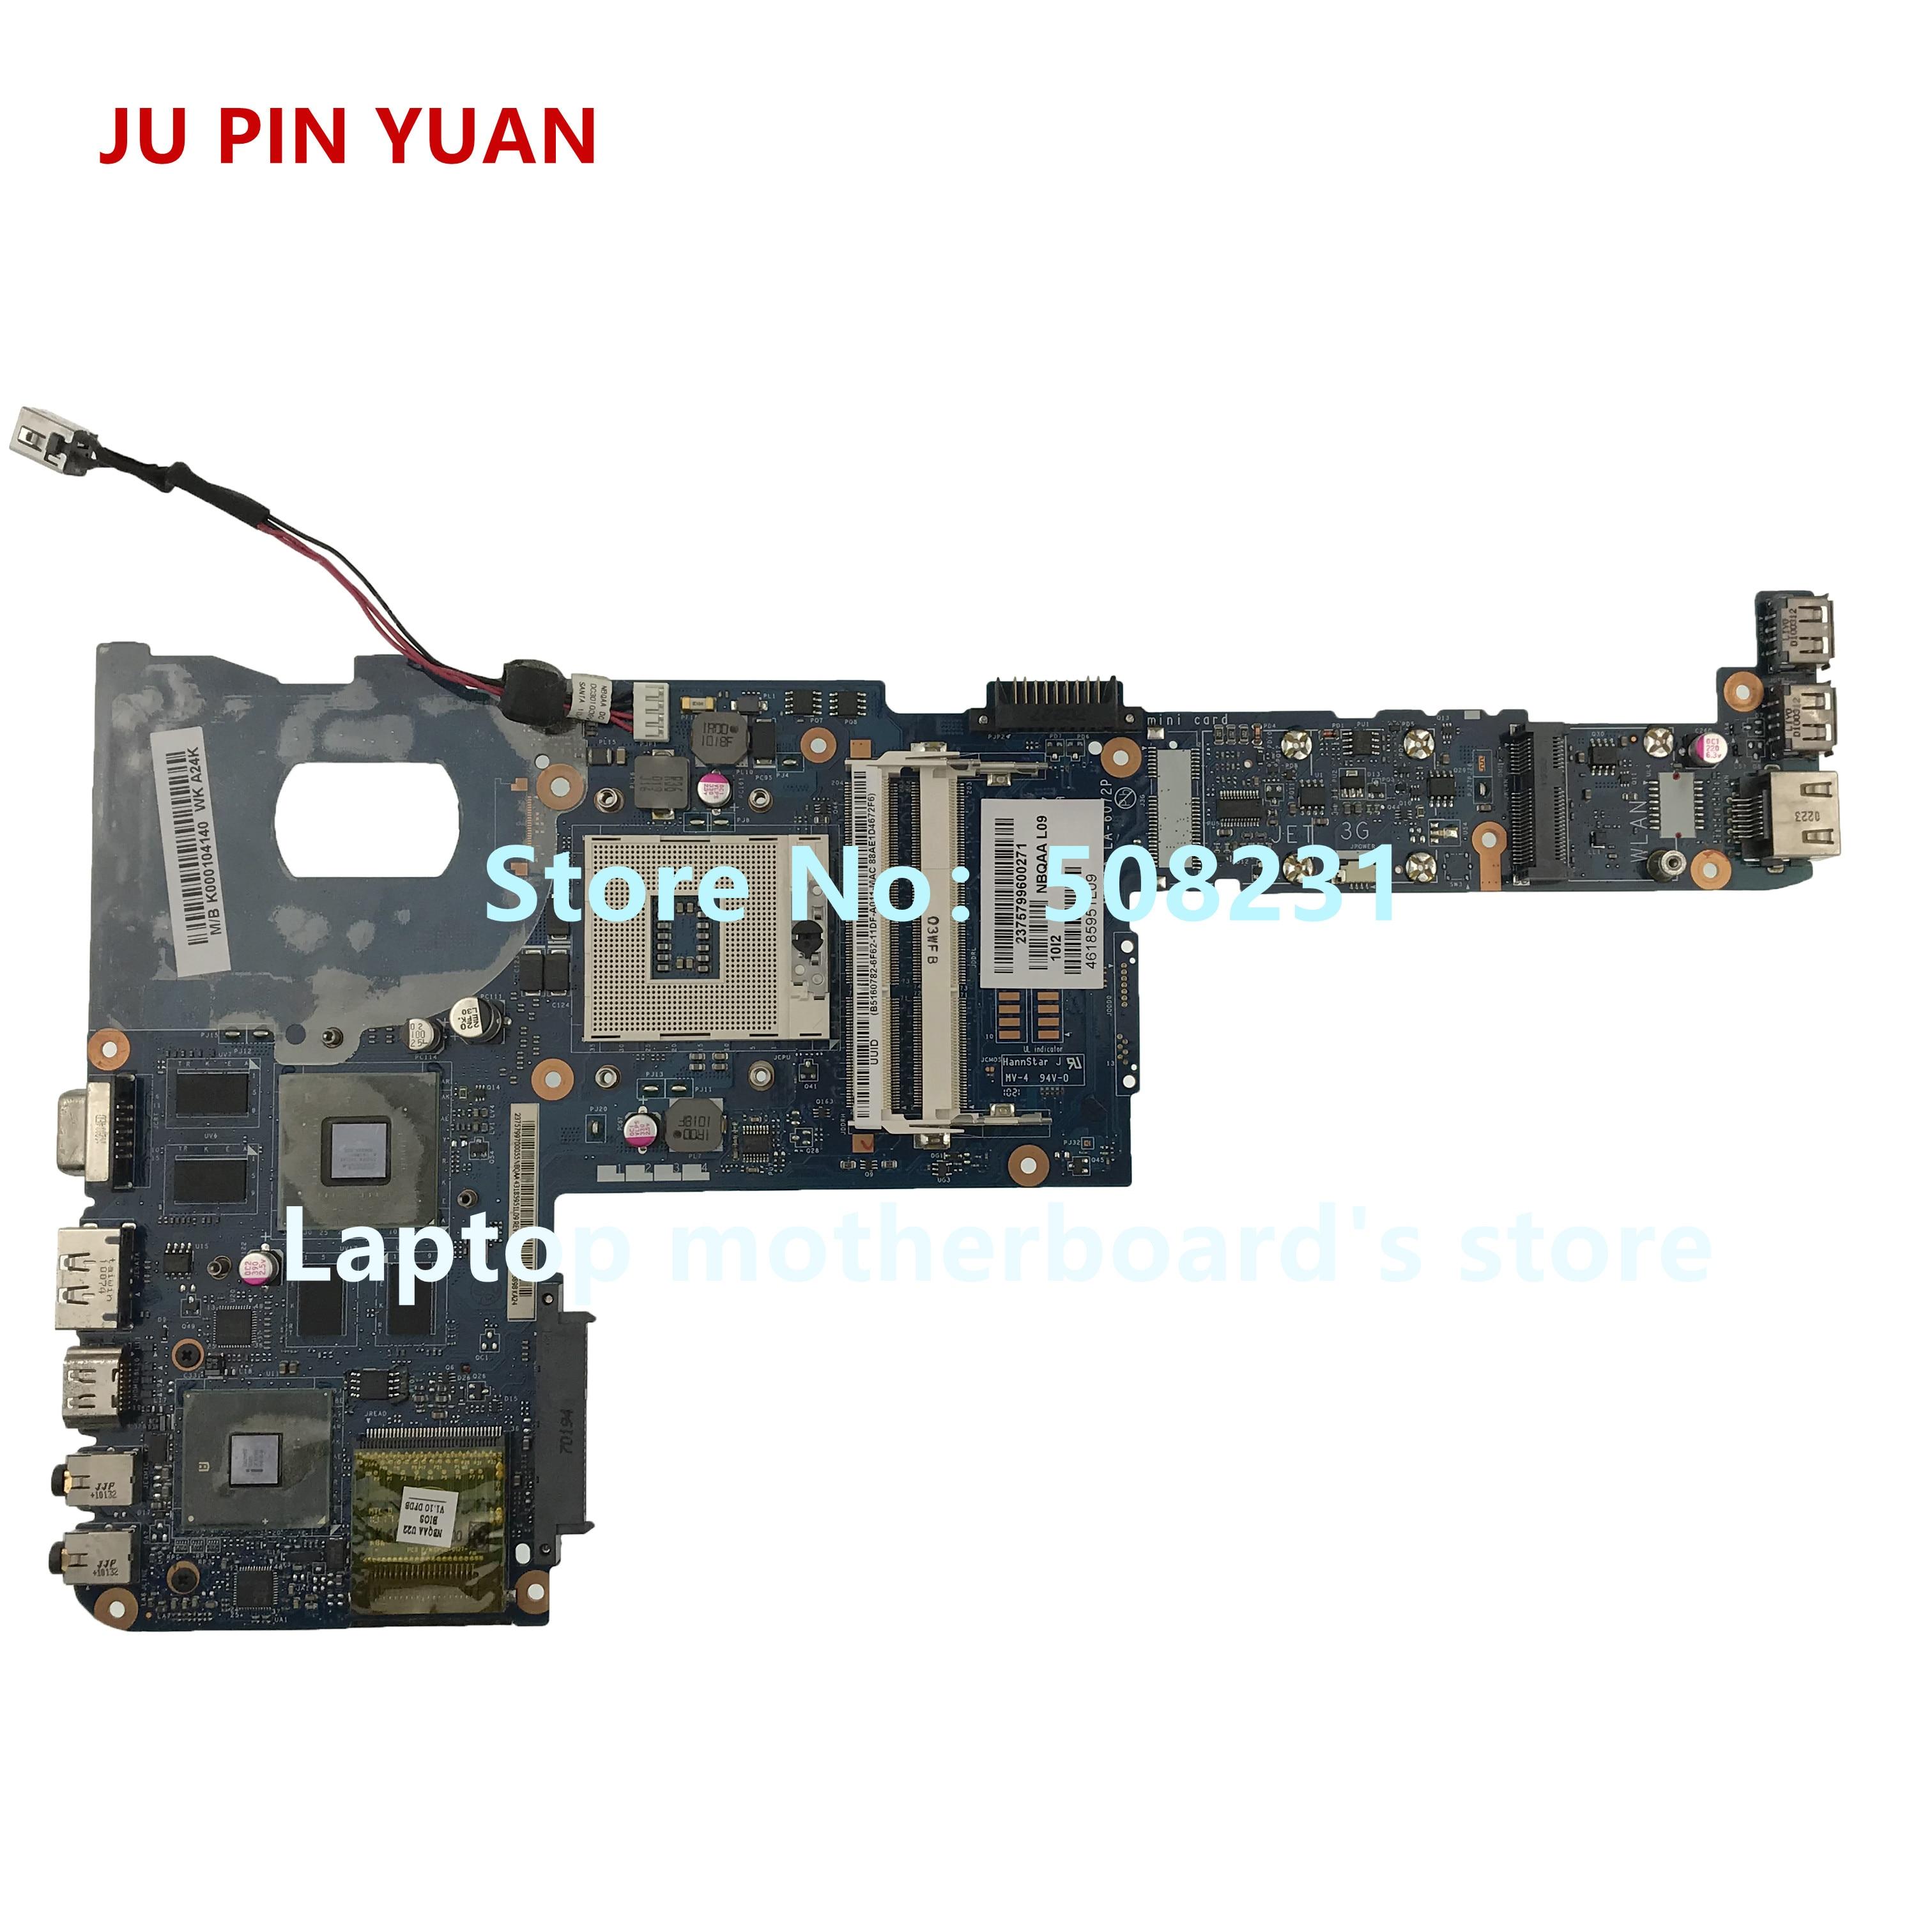 JU PIN YUAN K000104140 LA-6072P اللوحة الأم توشيبا الأقمار الصناعية M600 M645 دفتر اللوحة الأم اختبارها بشكل كامل